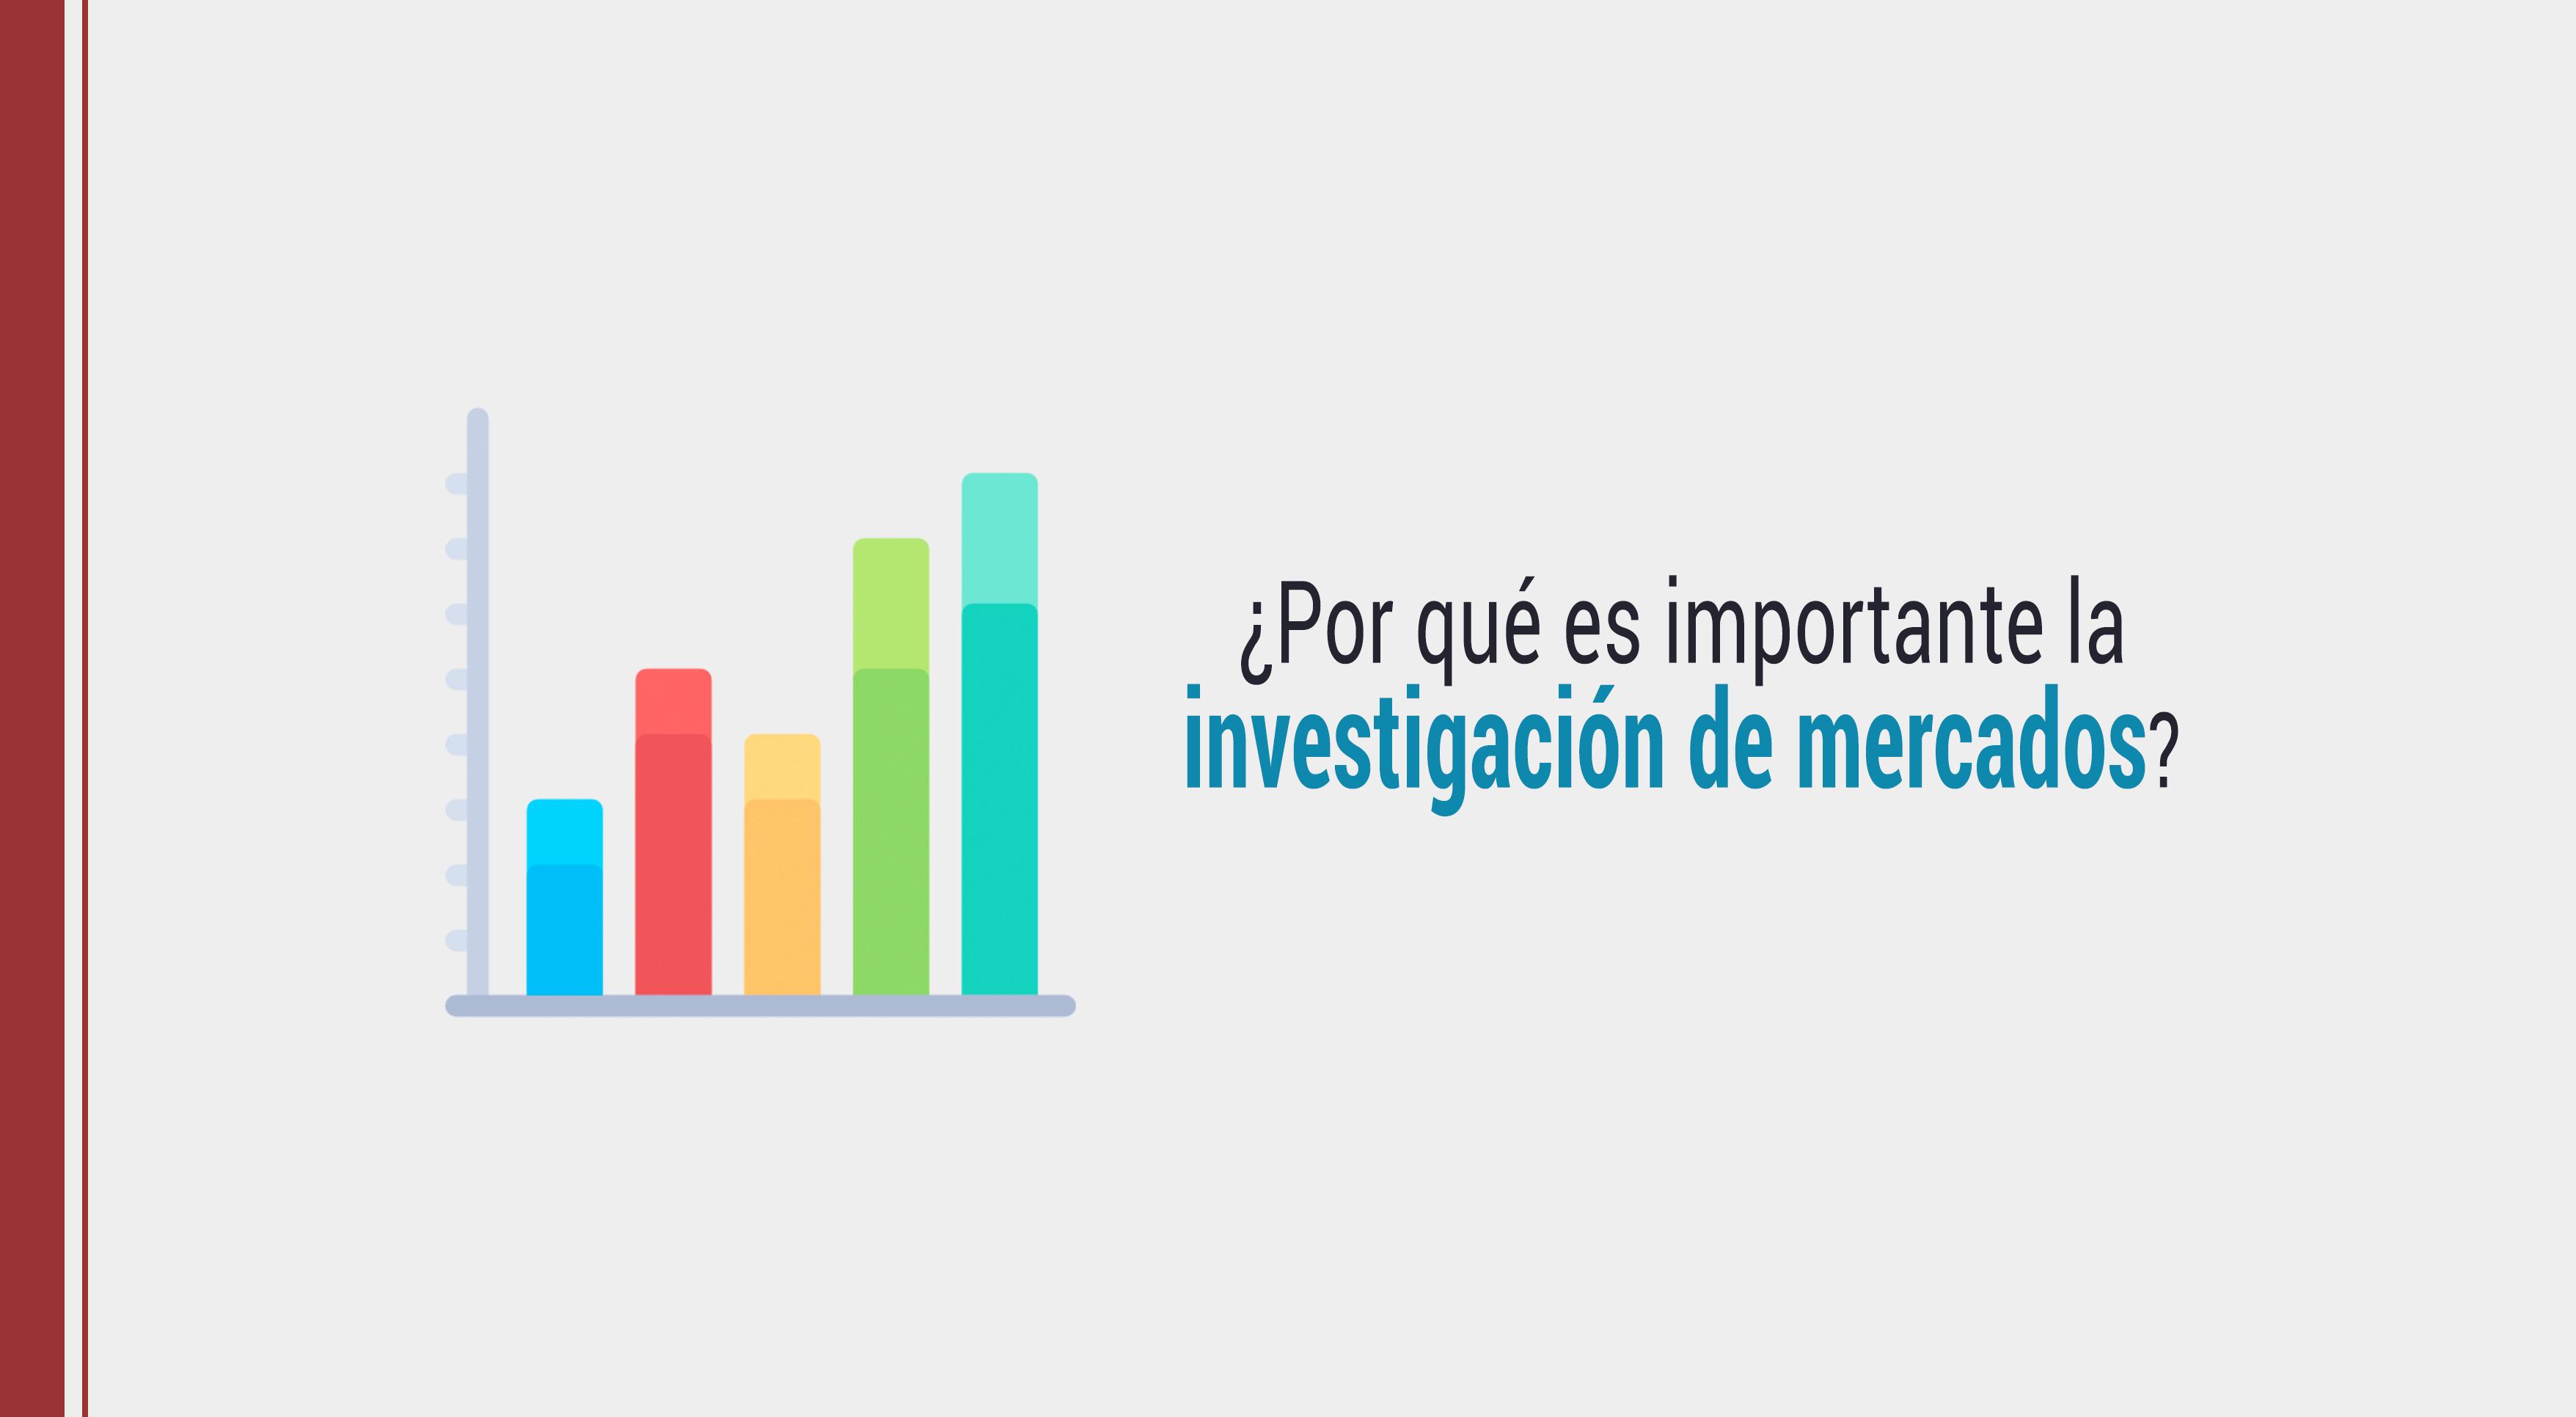 importante-investigacion-de-mercados ¿Por qué es importante la investigación de mercados?